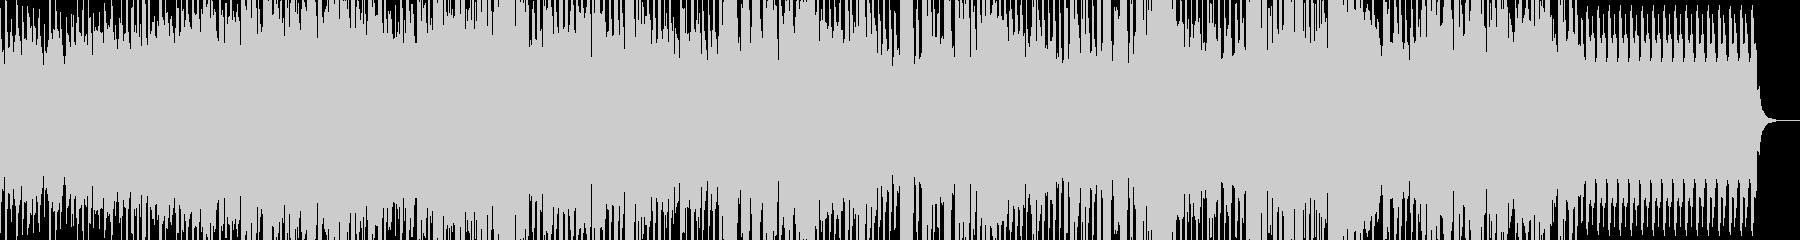 タイムカプセルについて歌ったテクノポップの未再生の波形